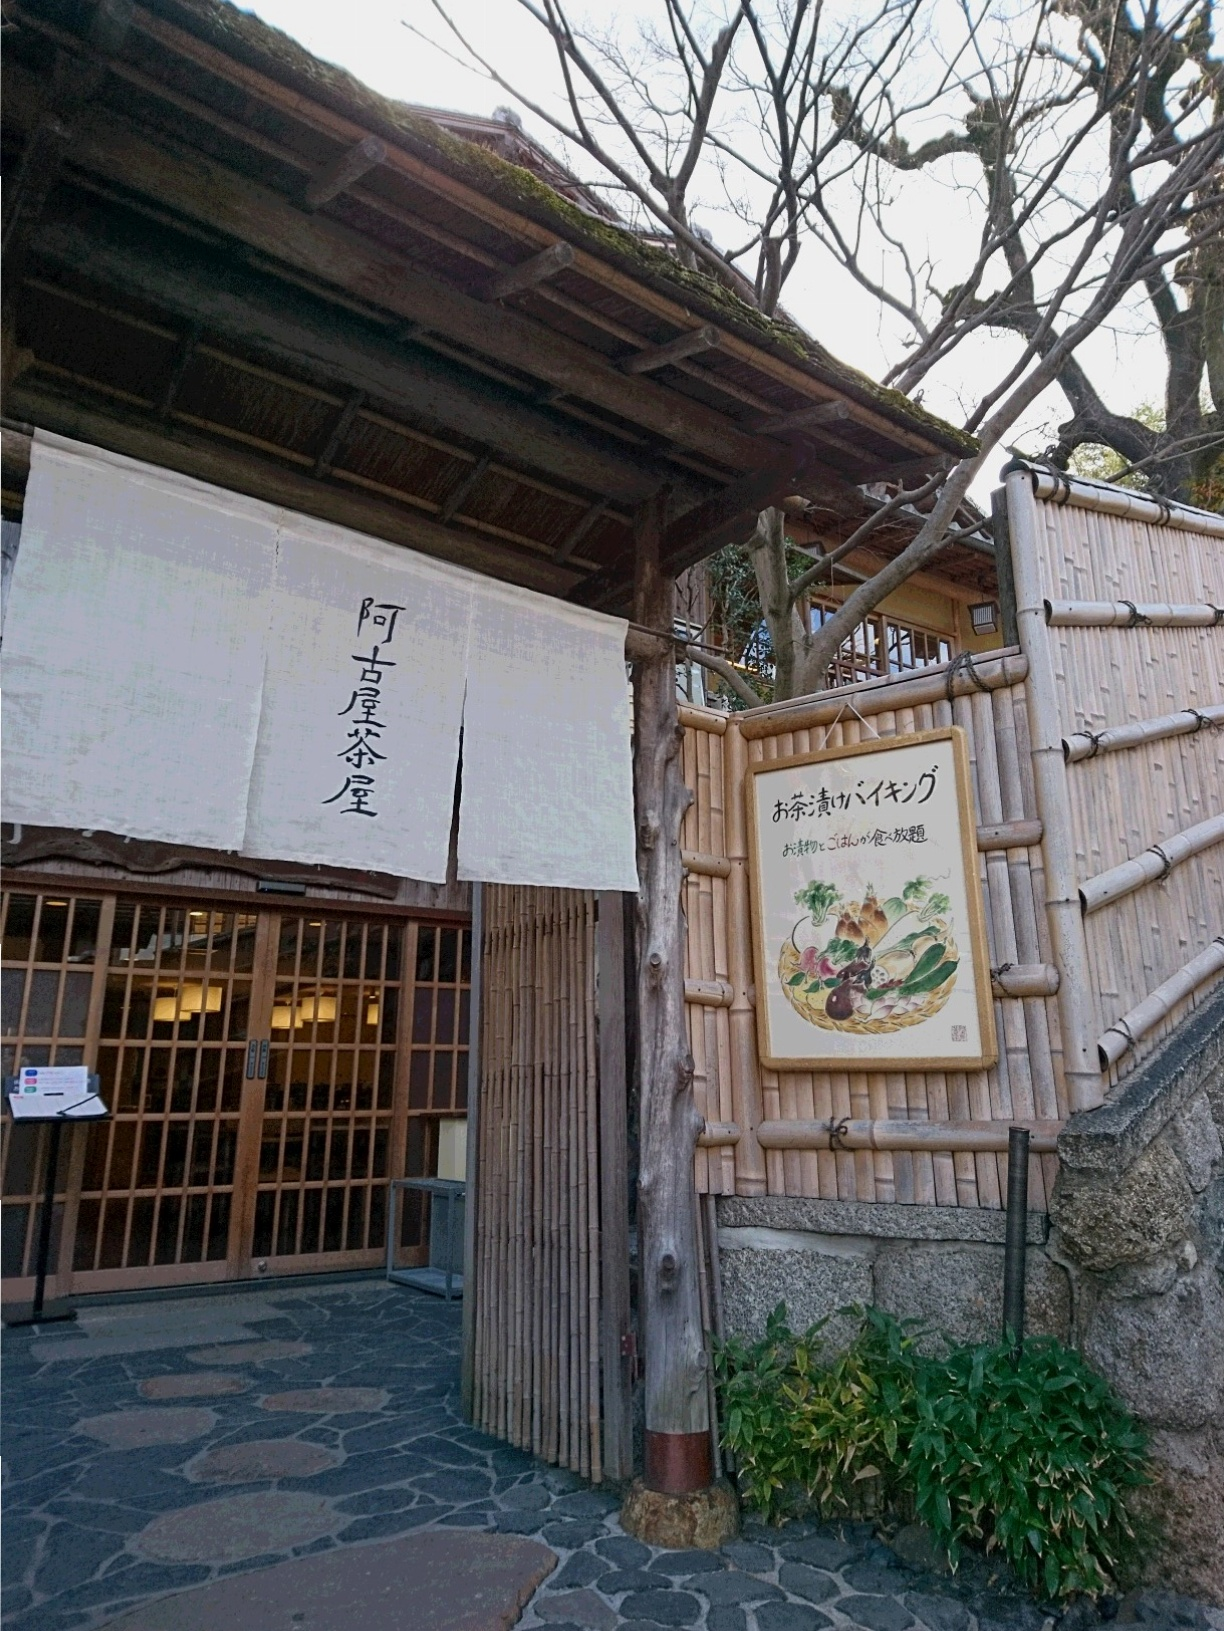 京都のおすすめランチ特集 - 京都女子旅や京都観光におすすめの和食店やレストラン7選_26